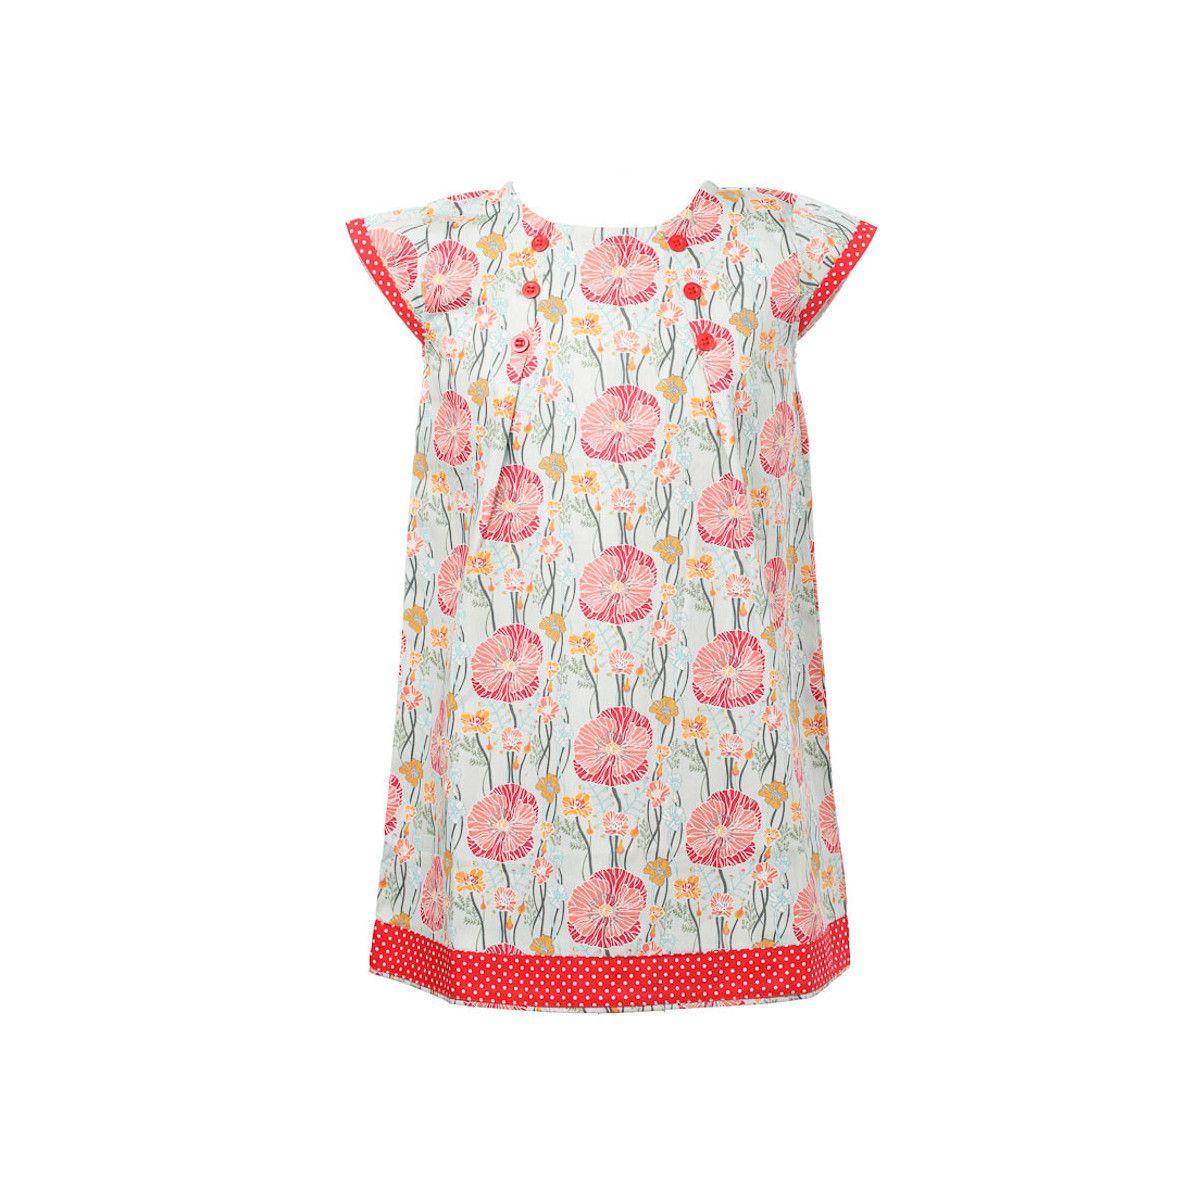 Robe coton fille 2-10 ans bleu clair et coquelicot rouge